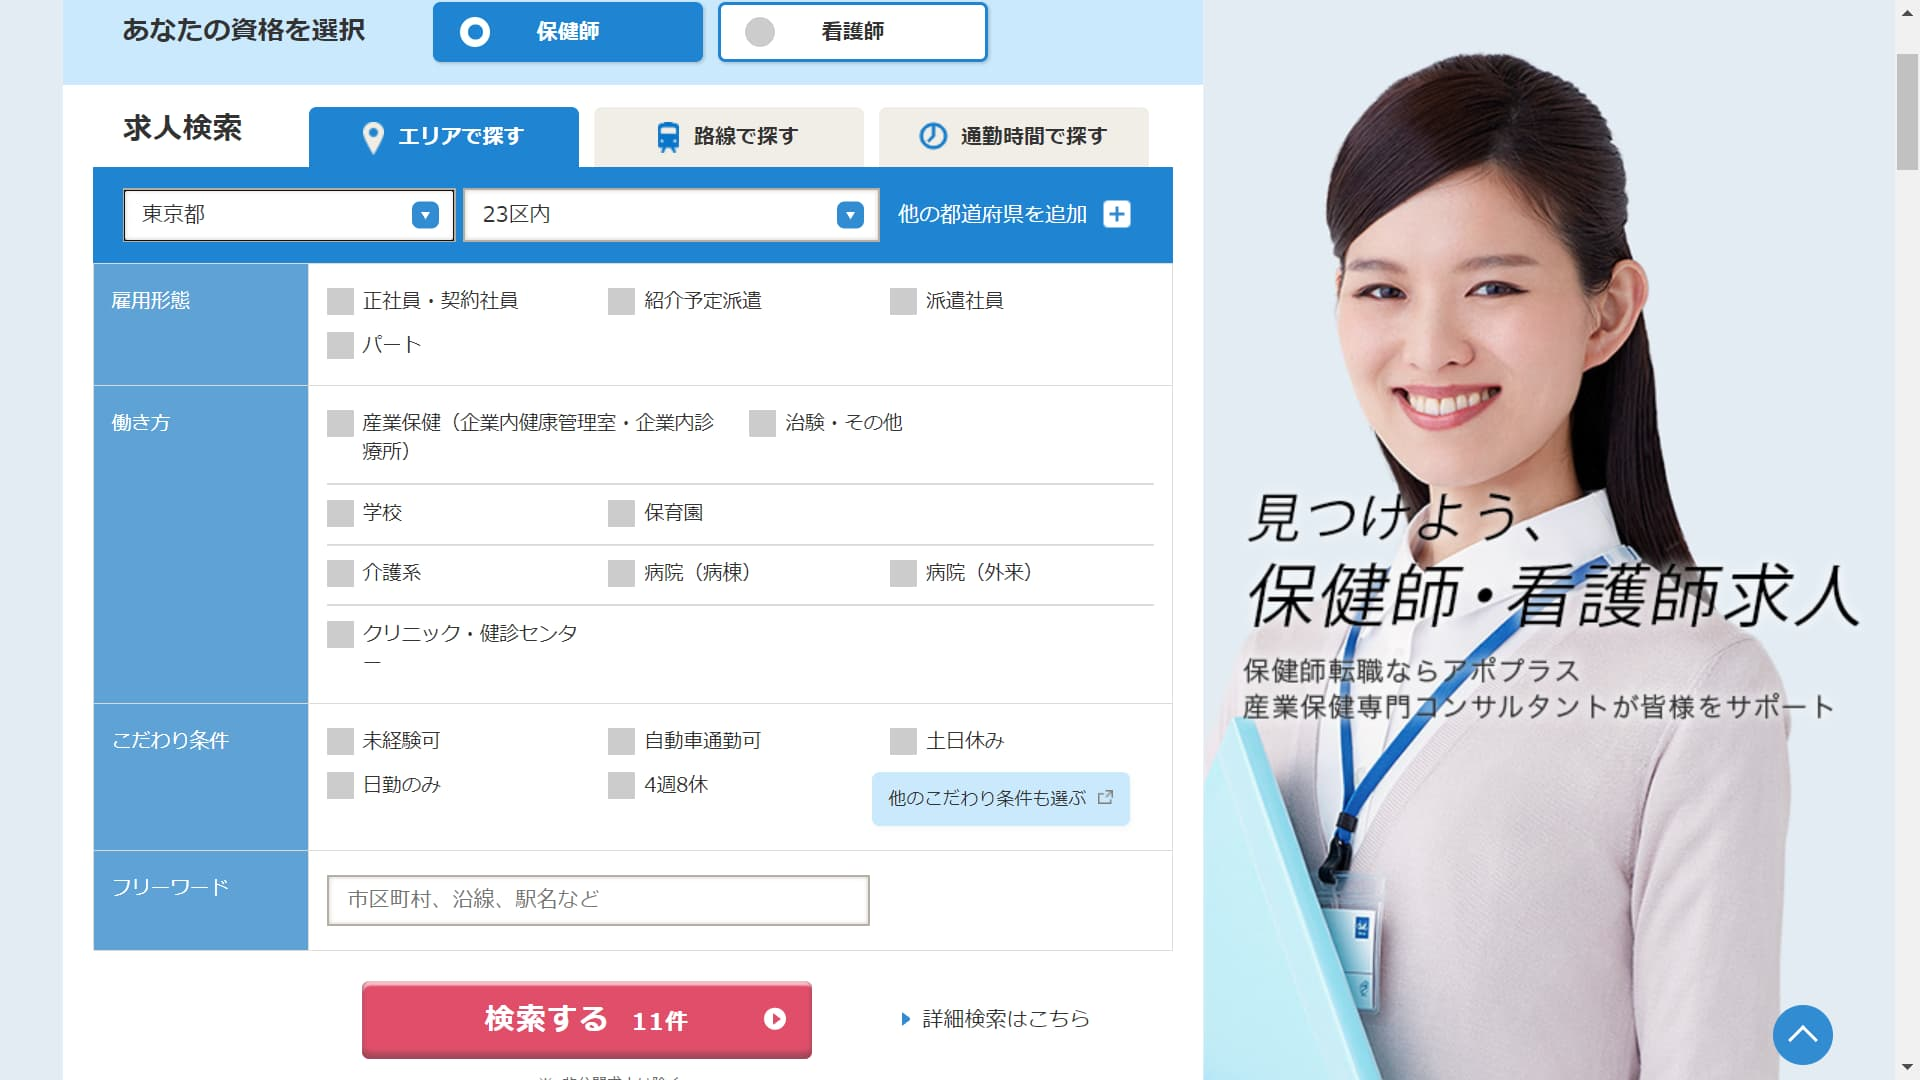 アポプラス 看護師・保健師向け求人サイト